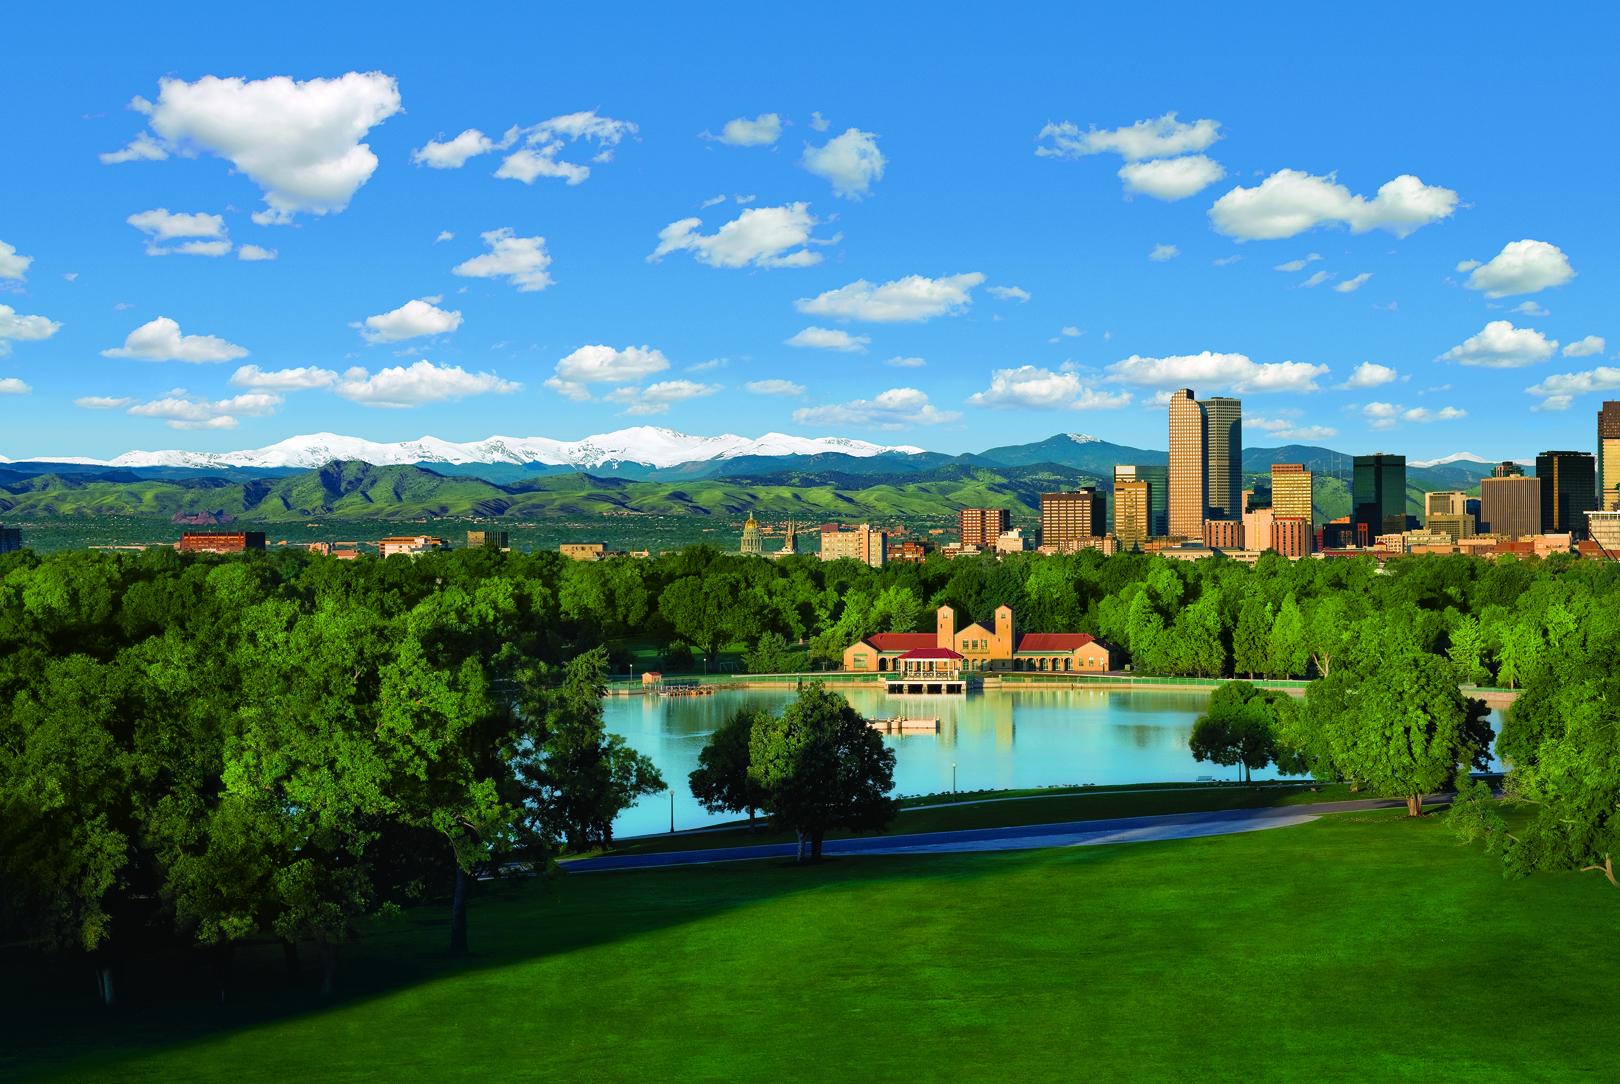 DenverSkyline_HiRes_2012